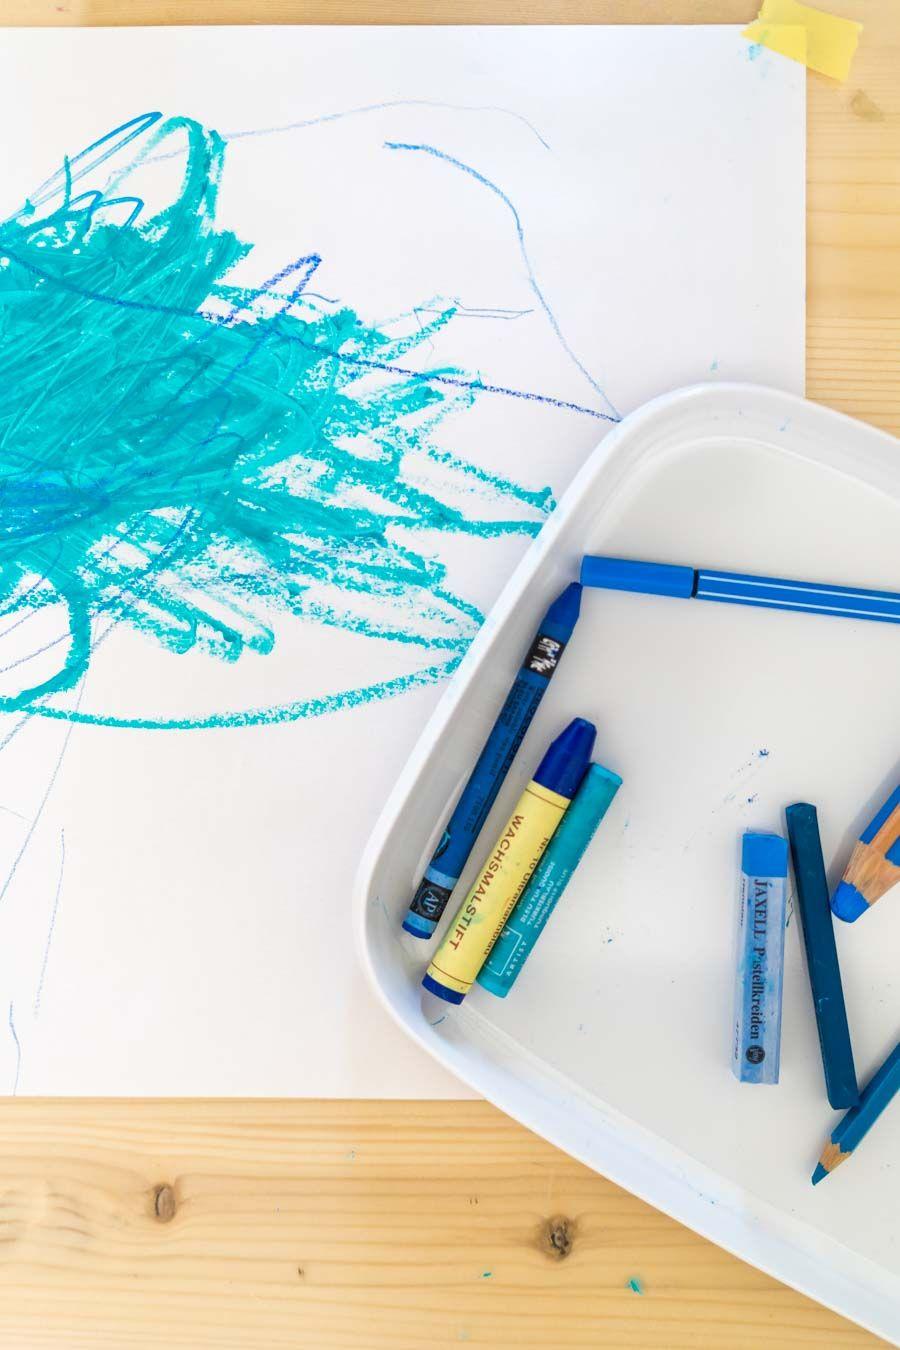 Basteln Mit Kleinkindern Ohne Vorgaben Die Farbe Blau Entdecken Und Der Start Einer Neuen Serie Basteln Mit Kleinkindern Basteln Kleinkind